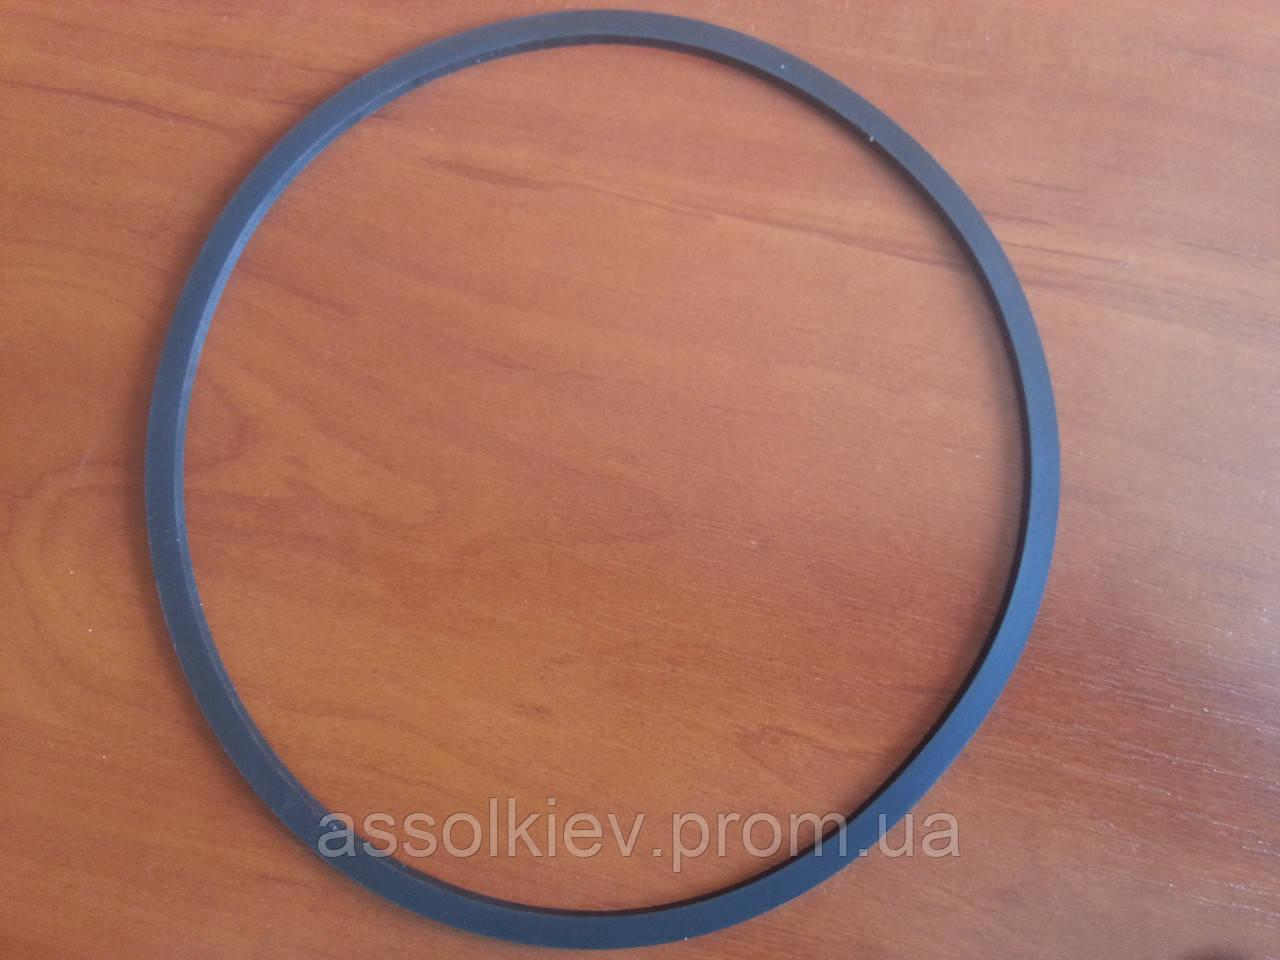 Кольцо уплотнительное WG200/180